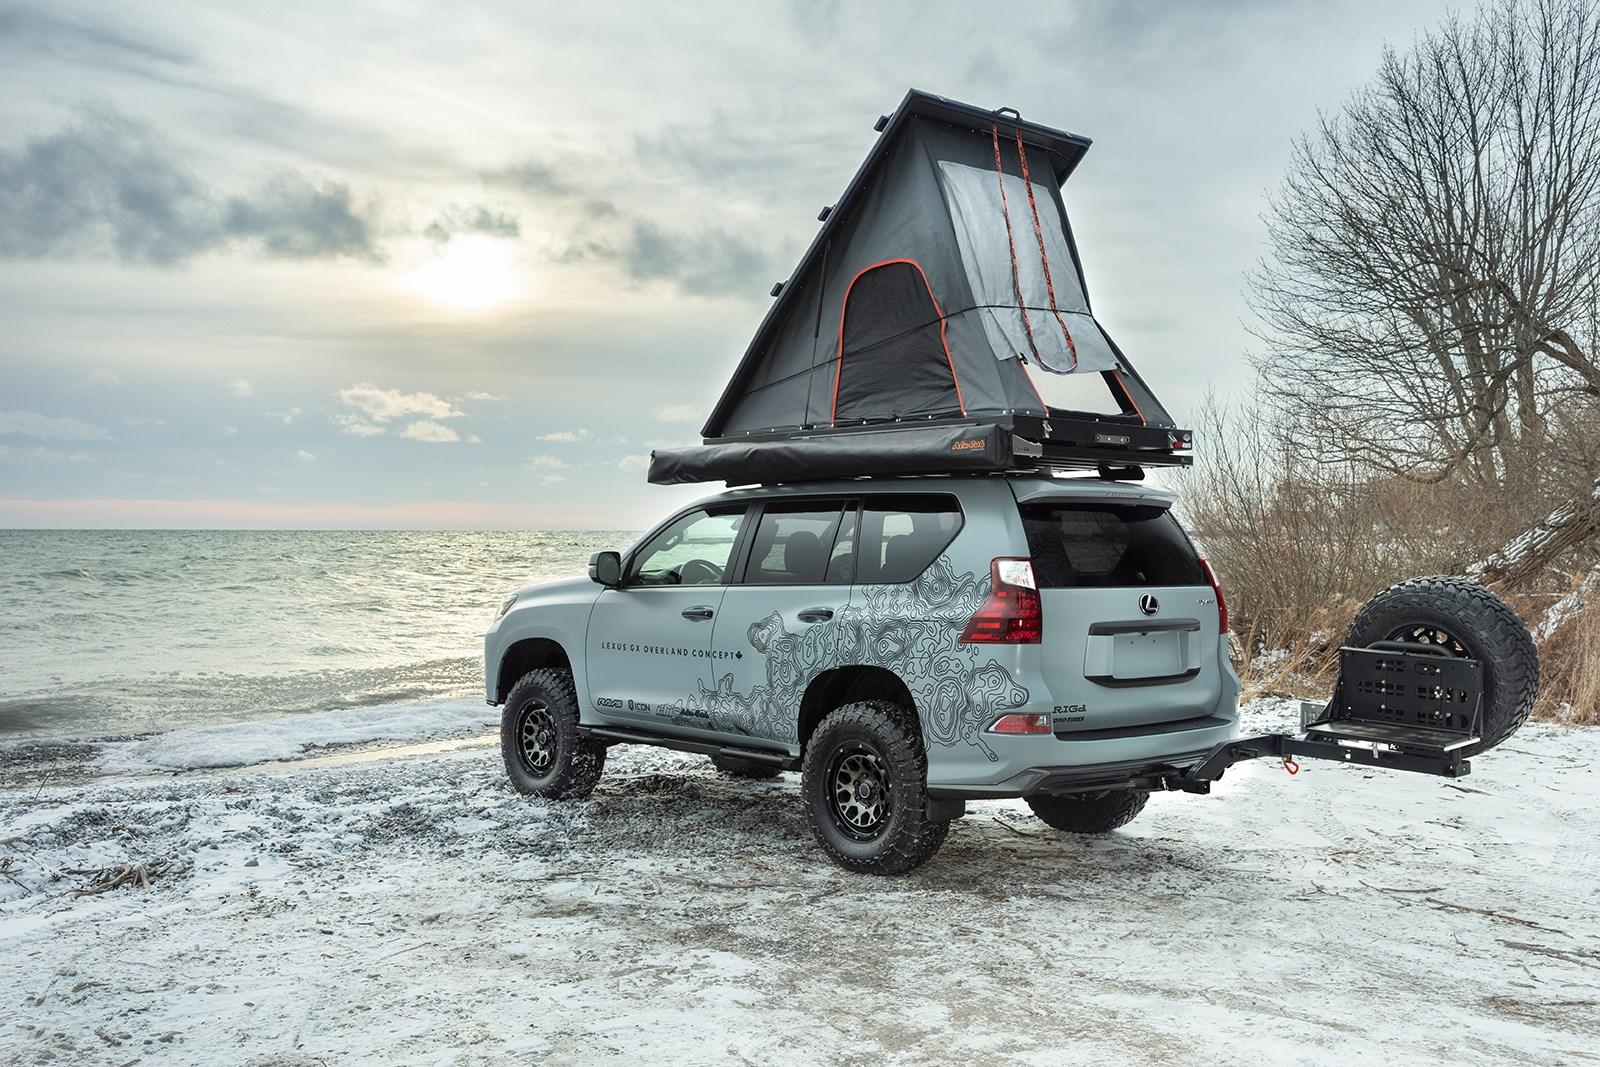 レクサス、GXオーバーランドコンセプトを披露。ルーフ上にテントを完備